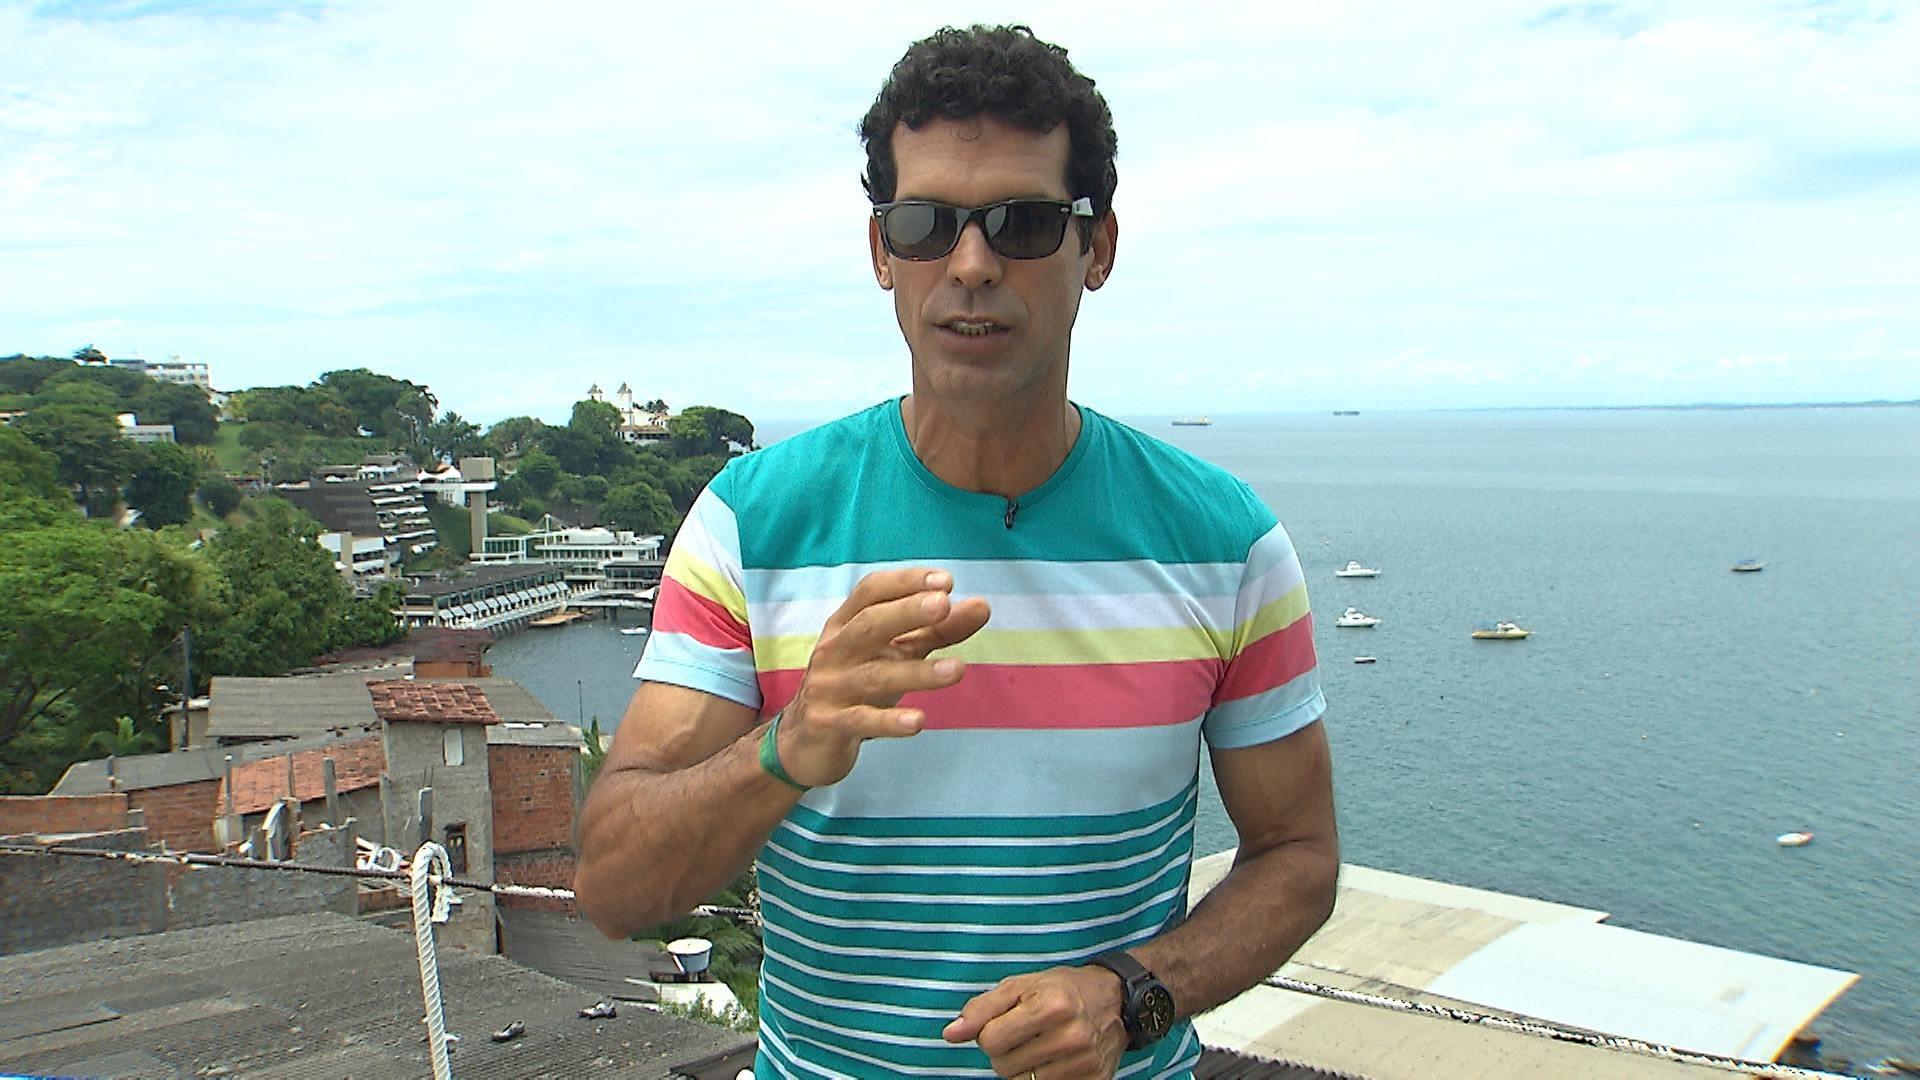 O ator Jackson Costa apresenta o Aprovado nas manhãs de sábado da TV Bahia (Foto: Divulgação)